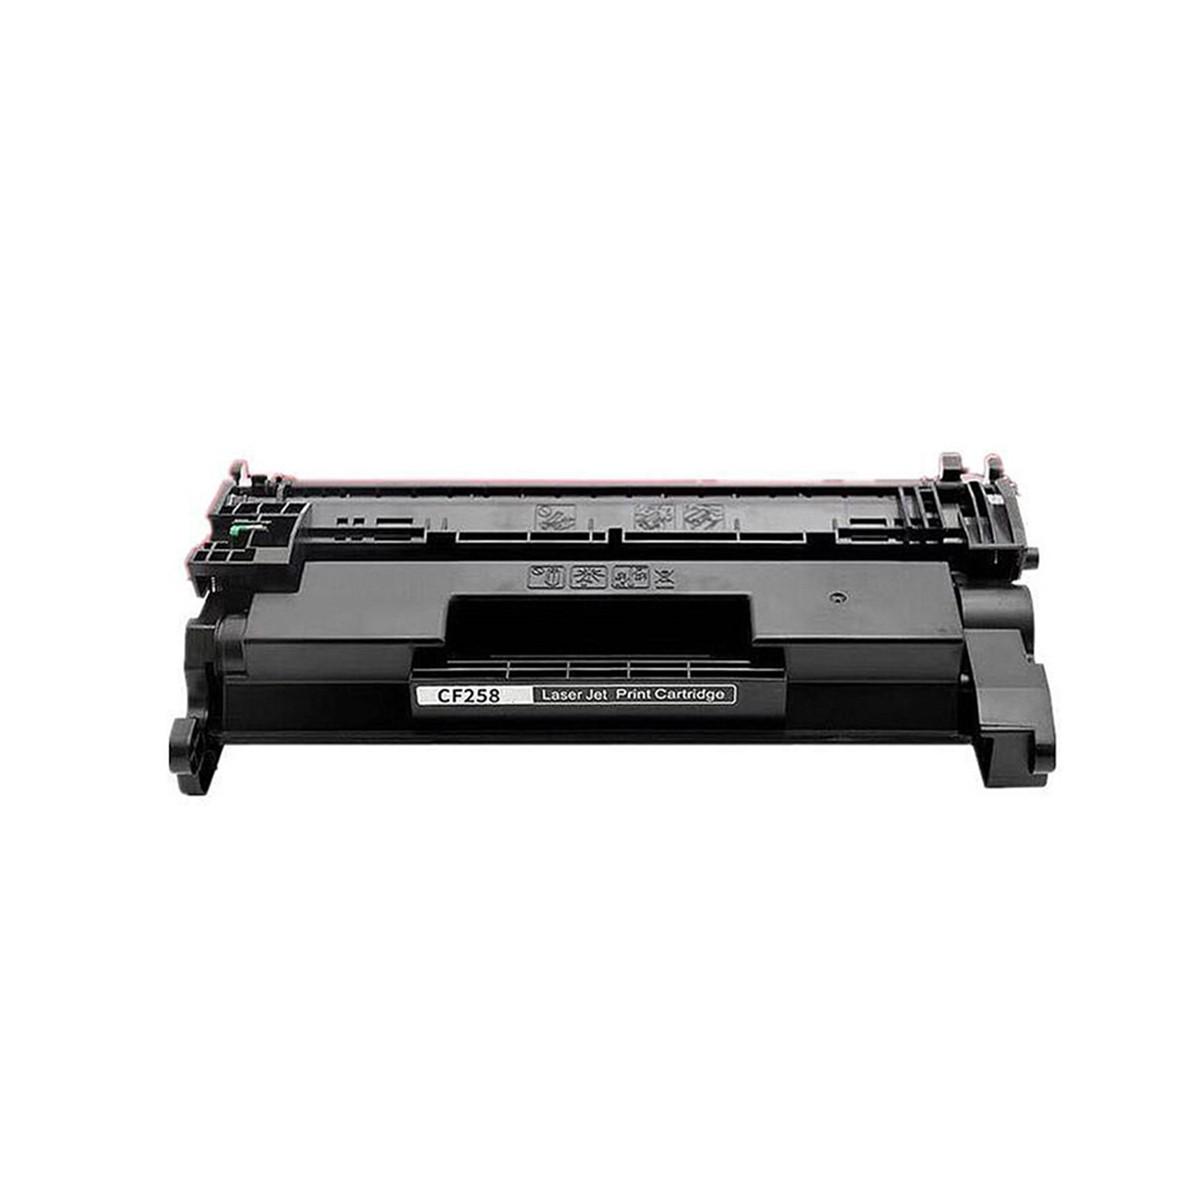 Toner Compatível com HP CF258A 58A   M428FDW M404DW M428DW M404N   SEM CHIP   Importado 3k